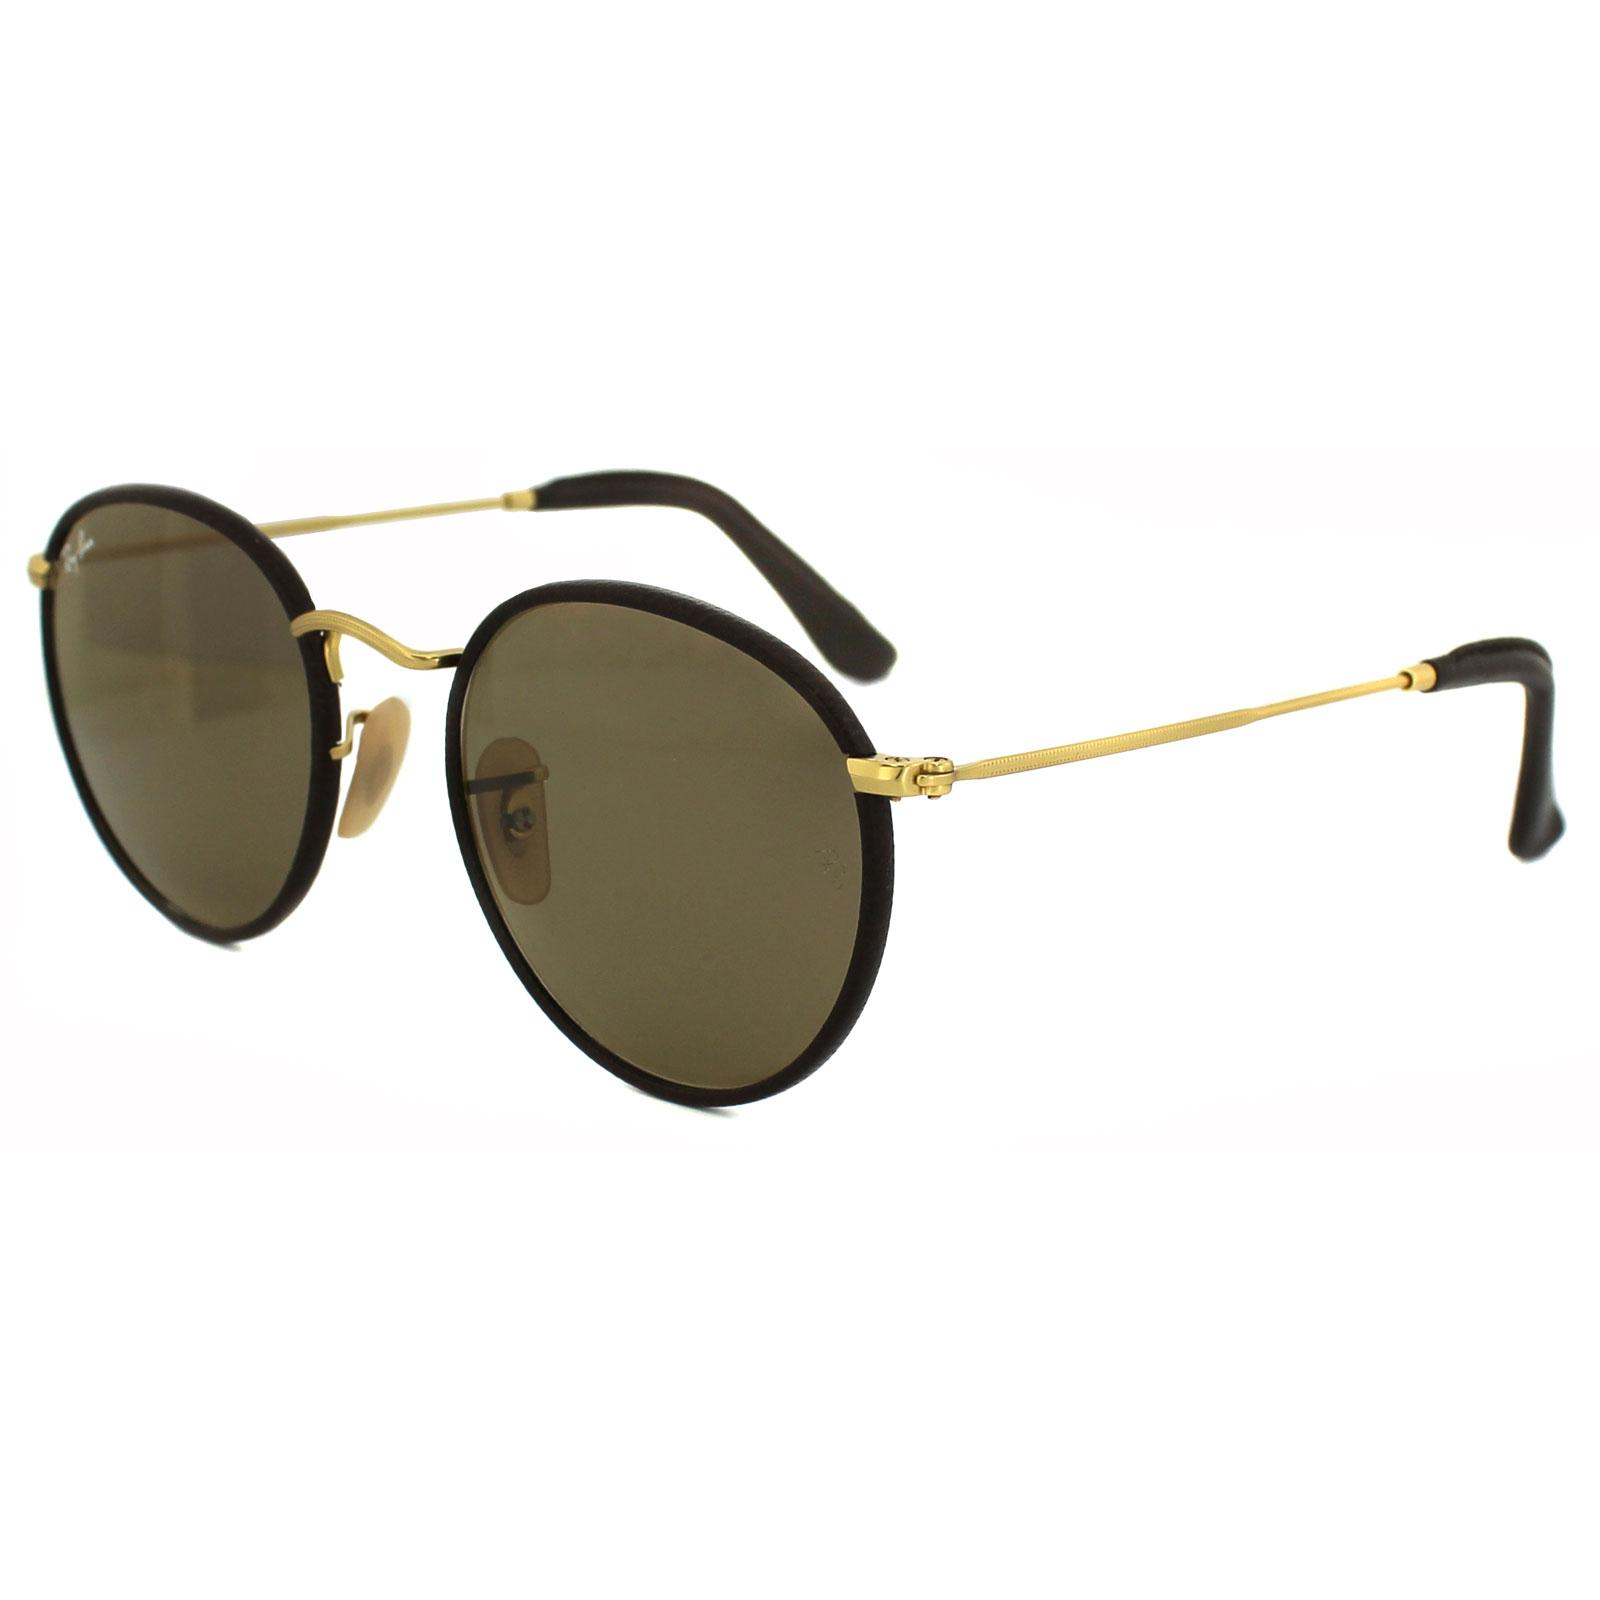 RayBan Sunglasses 3475Q 112 53 Matt Gold Brown 805289751755   eBay 98a1d19573